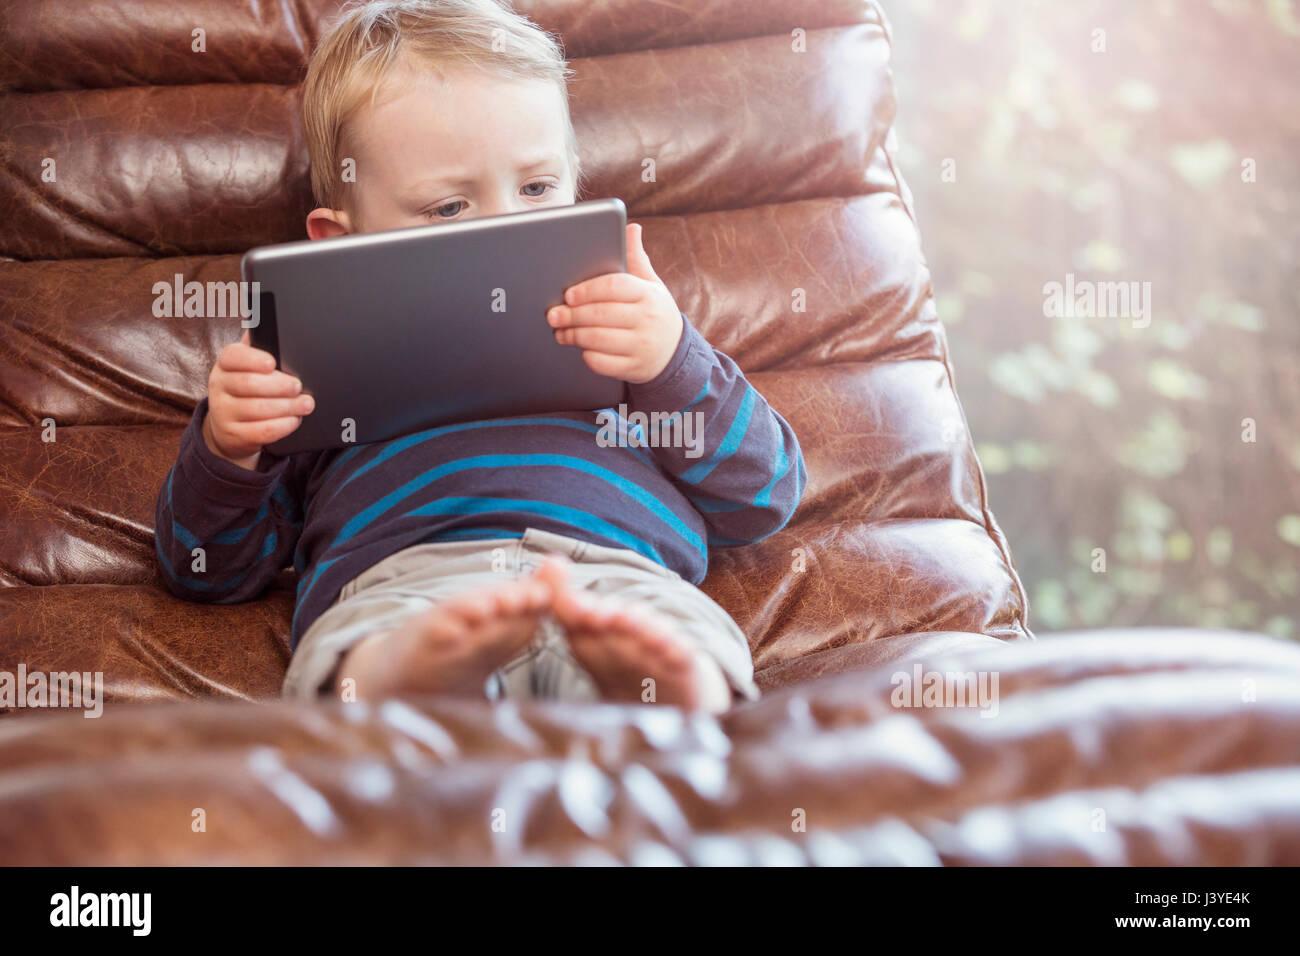 Toddler boy na cadeira reclinável olhando para tablet Imagens de Stock